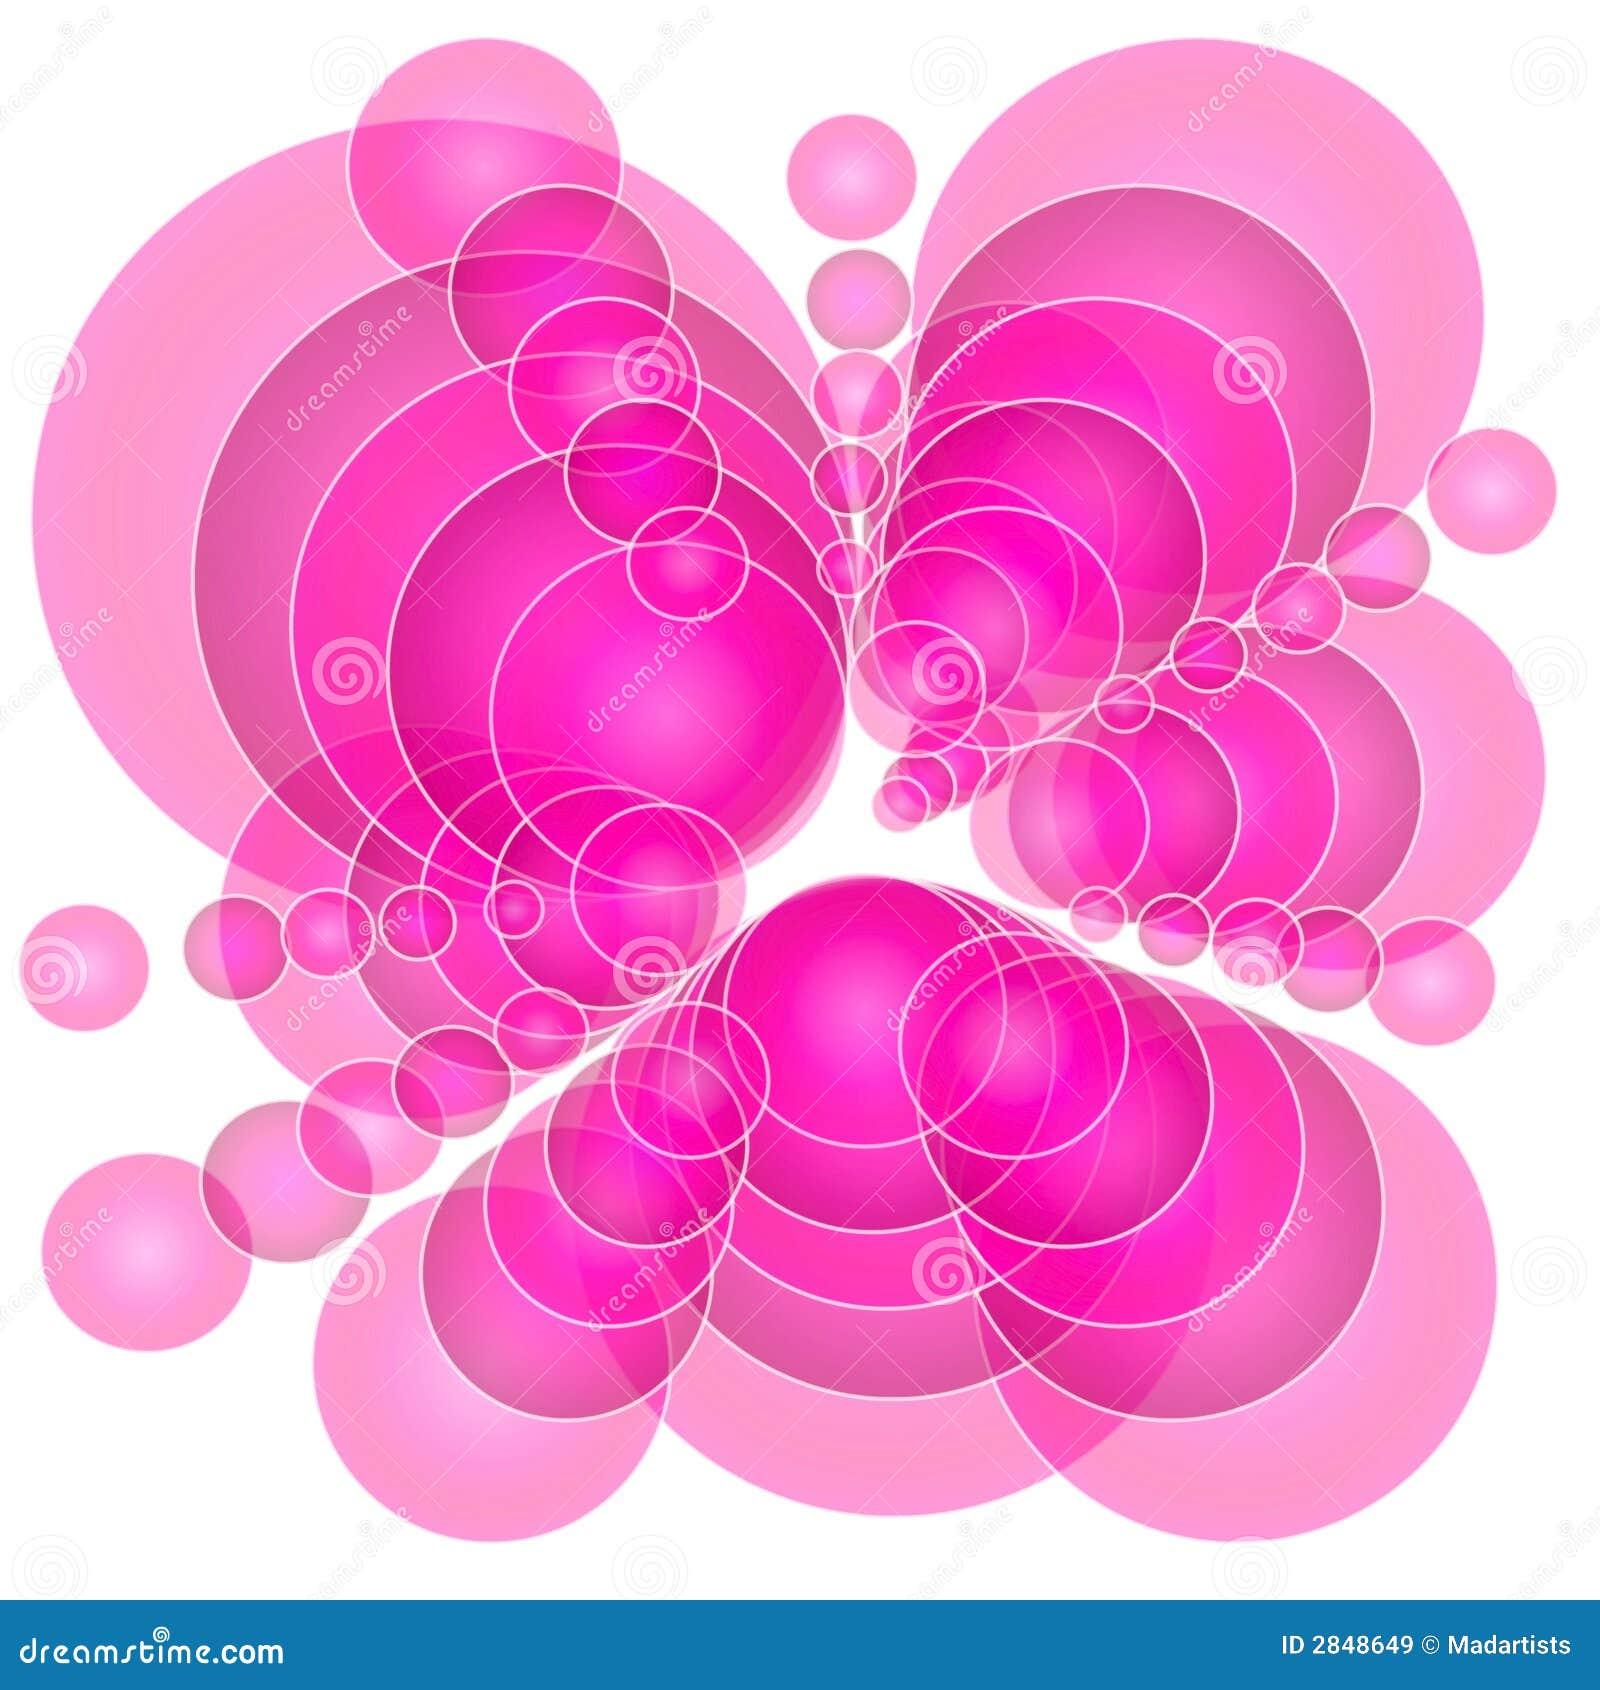 摘要盘旋不透明的粉红色